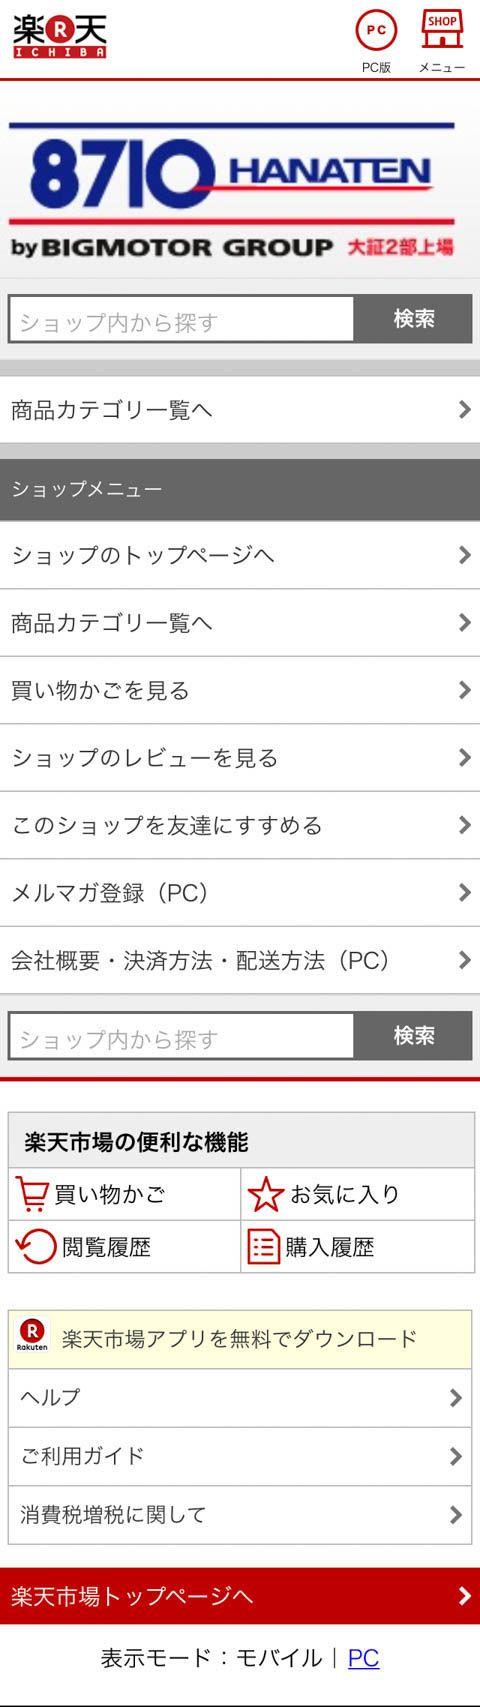 ハナテン(8710) TOP